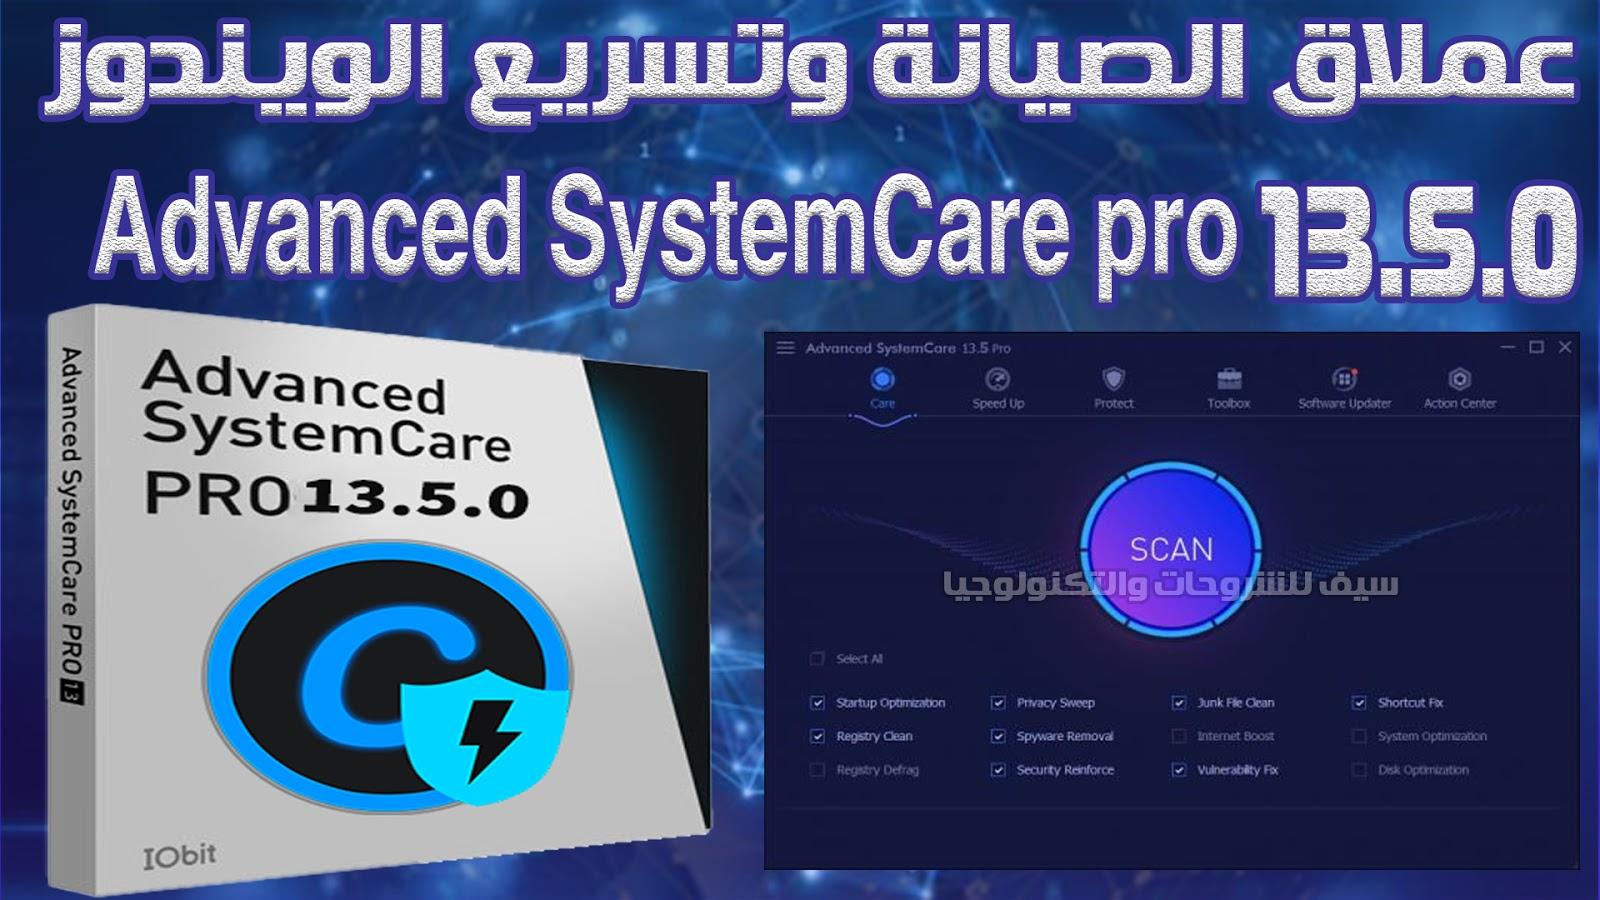 تحميل عملاق الصيانة وتسريع الويندوز سيستم كير 13 برو Advanced SystemCare pro 13.5.0